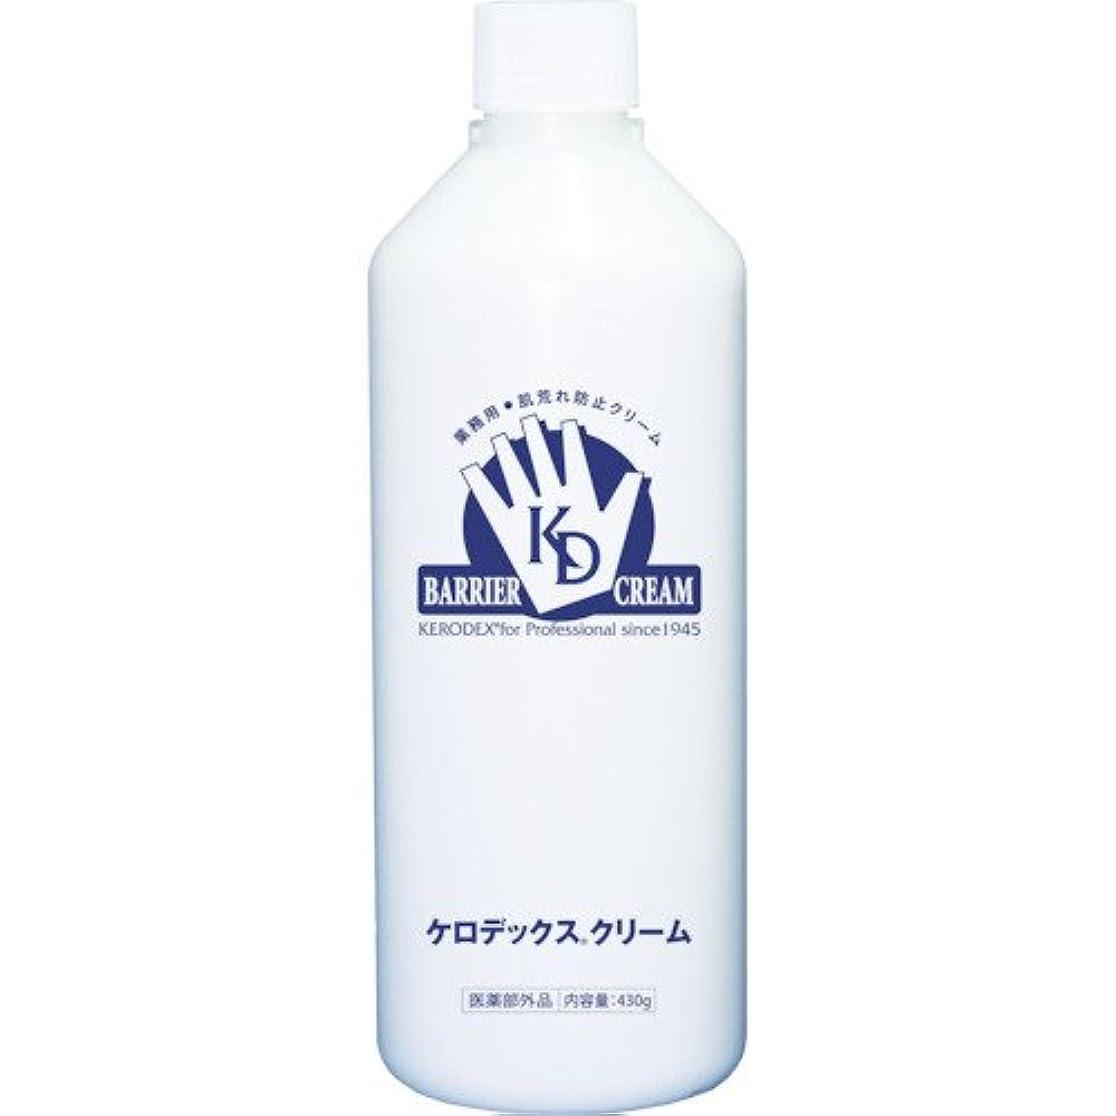 ロードハウス落胆した洗練ケロデックスクリーム ボトルタイプ 詰替用 430g